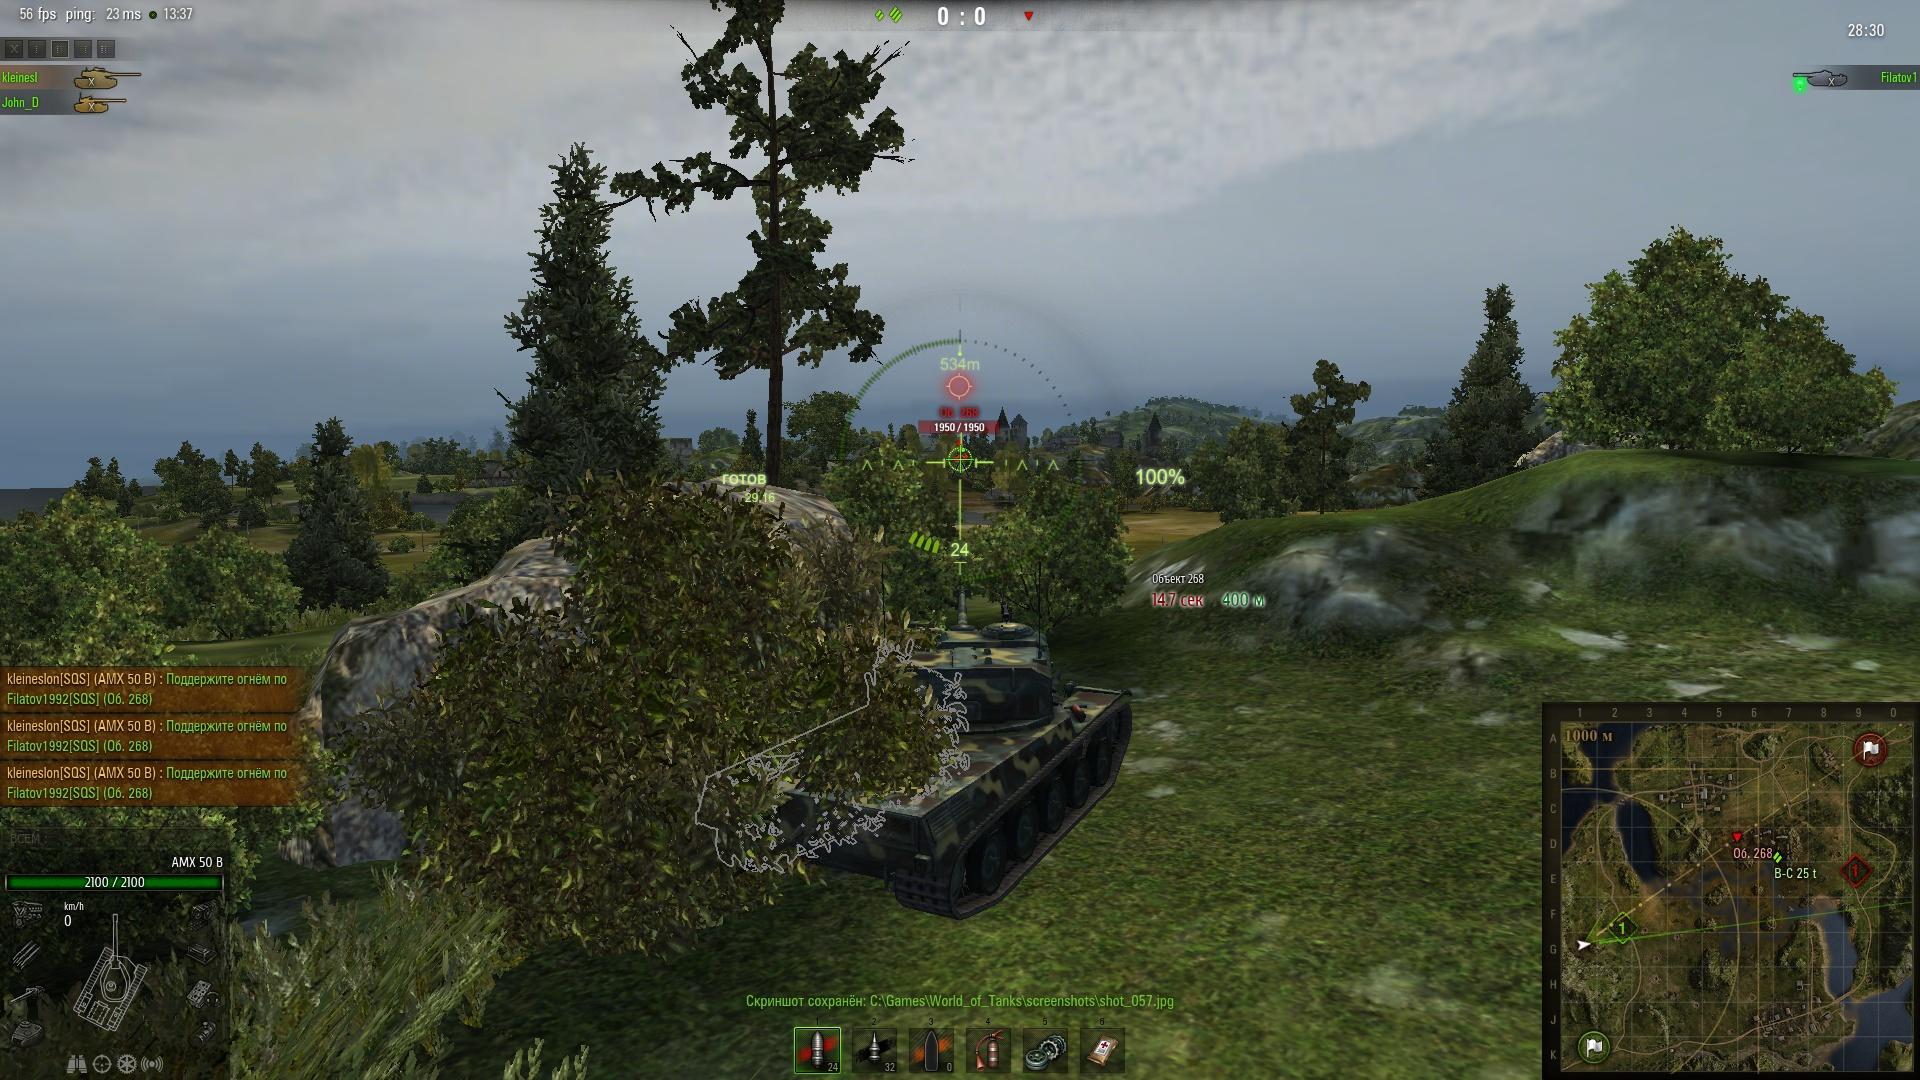 НБ прикрытие О5 с О4 по гребню северного холма